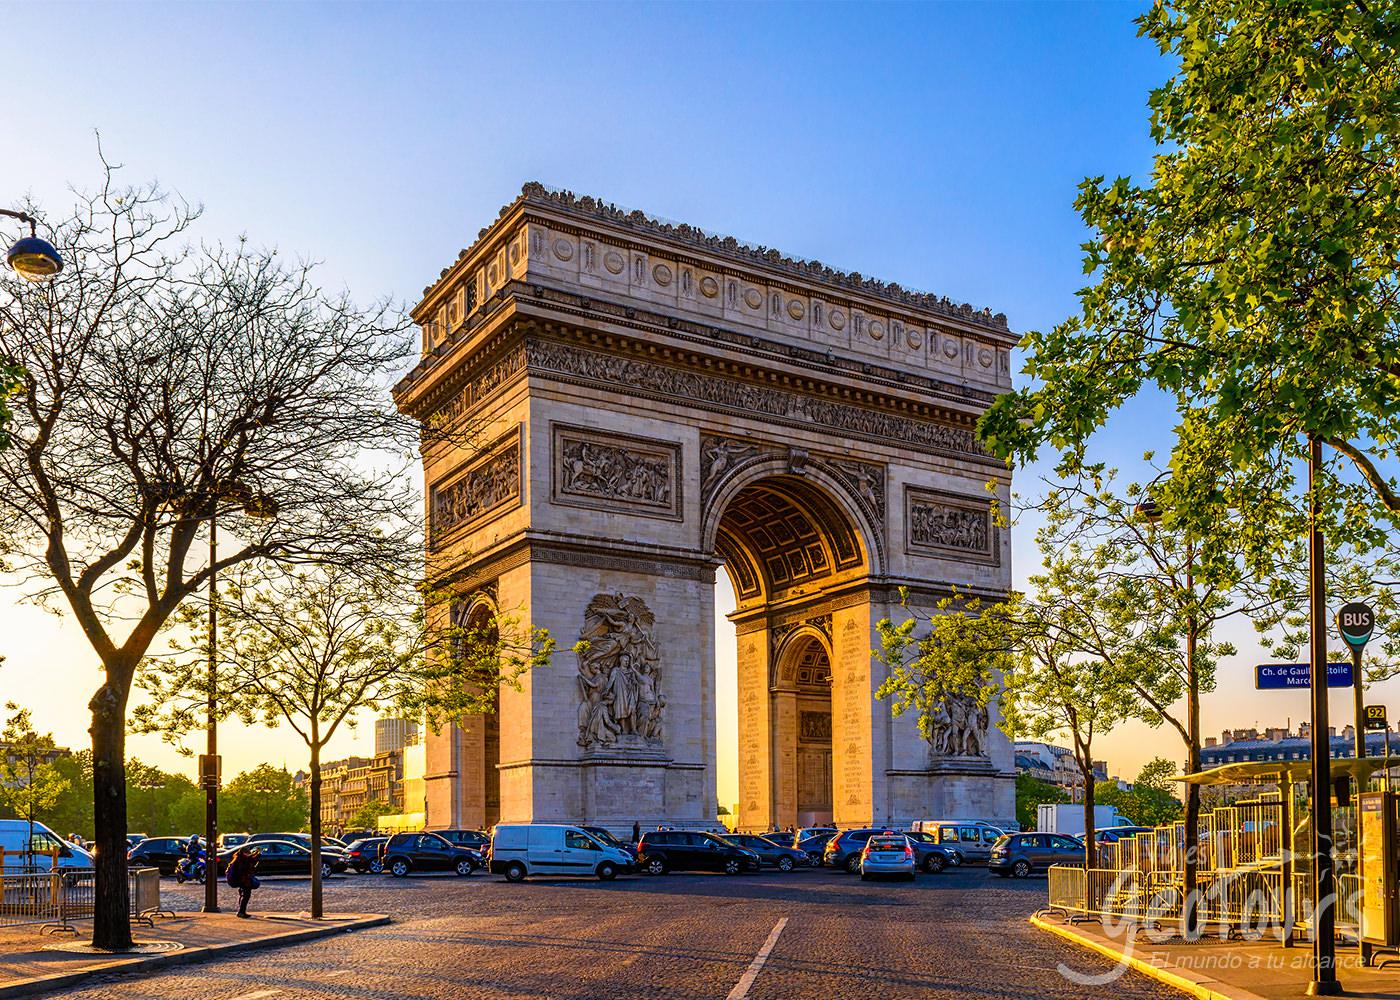 Paquetes turísticos a Europa 22 Días